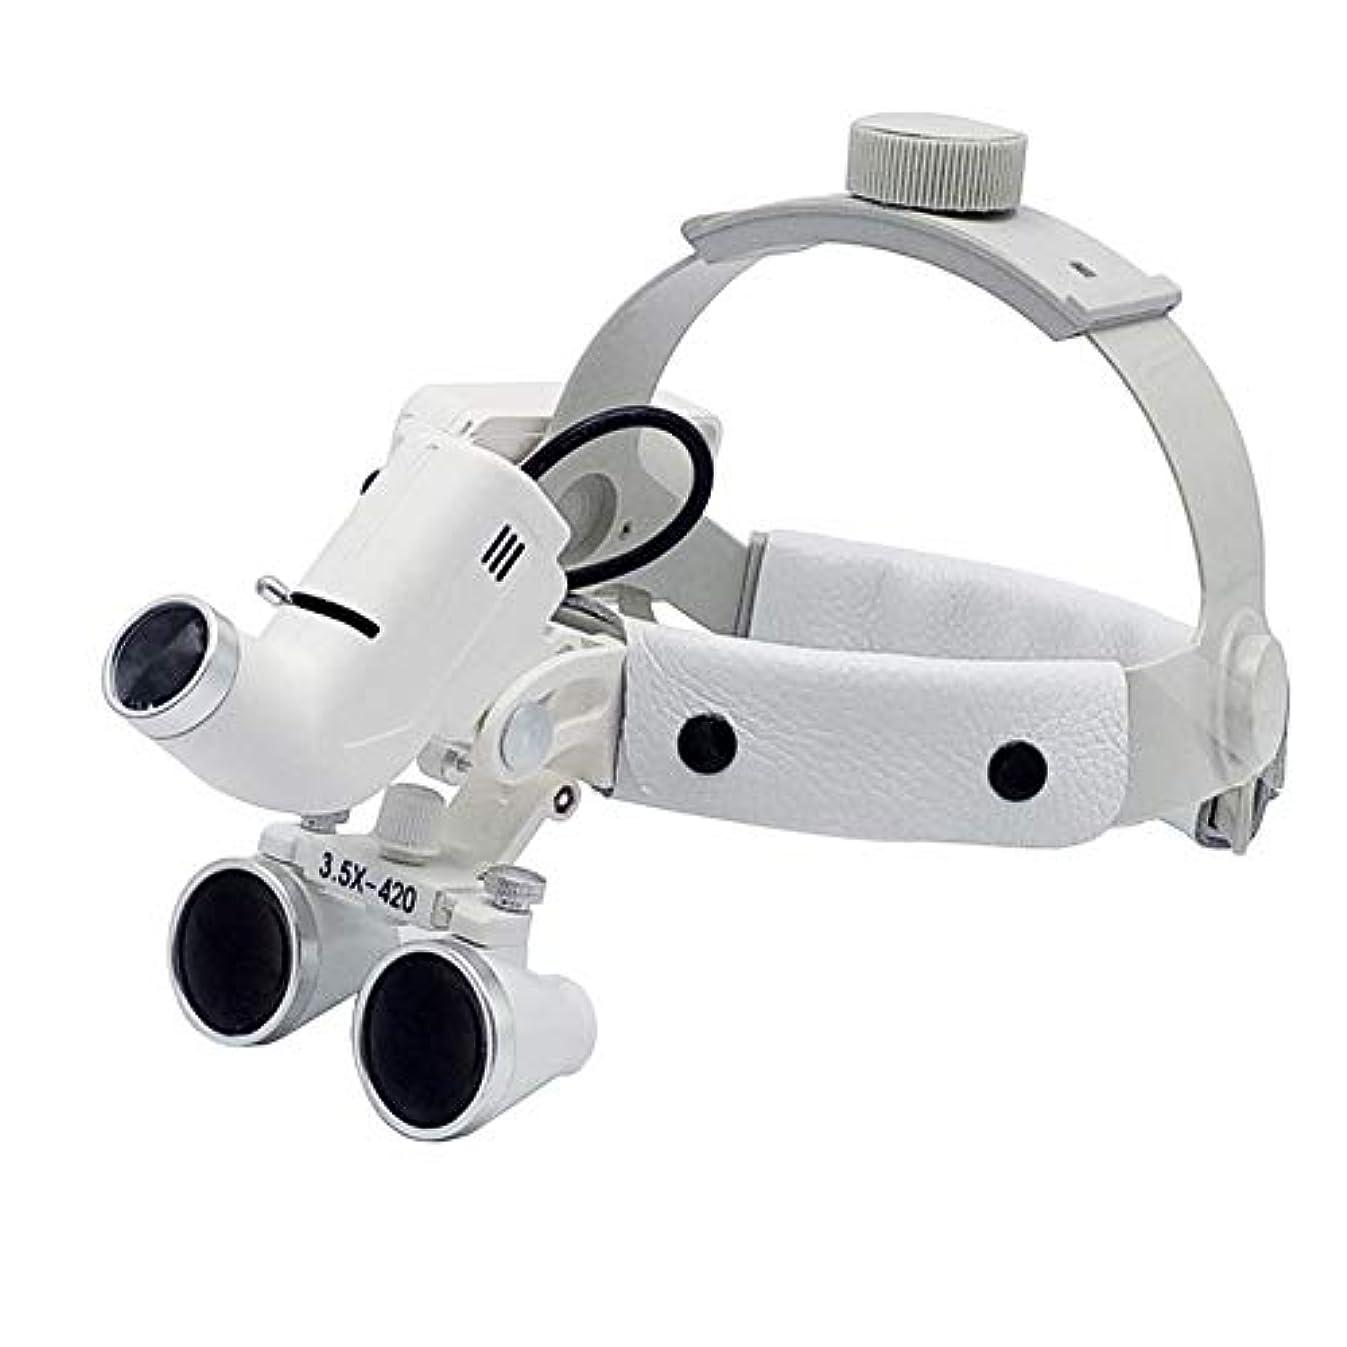 きらめきオプショナル昆虫を見るLED外科ヘッドライト3.5X420mmレザーヘッドバンド双眼ルーペメガネヘッドバンド拡大鏡高輝度ランプ